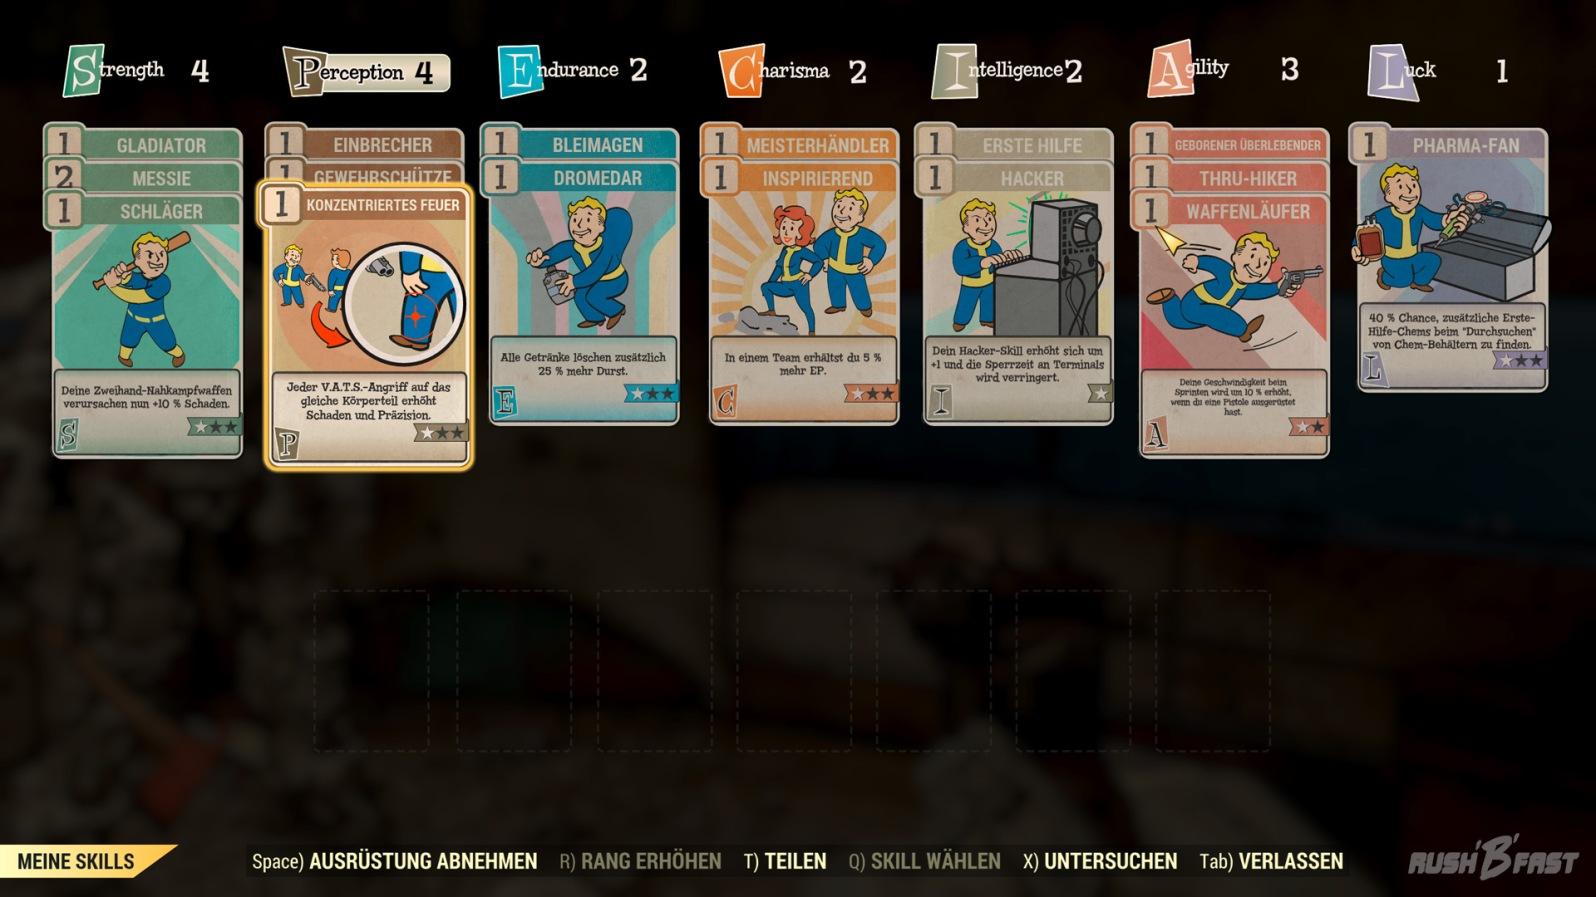 Fallout 76 - Meine Skills - Skillsystem mit Karten (Teilweise noch auf Englisch)